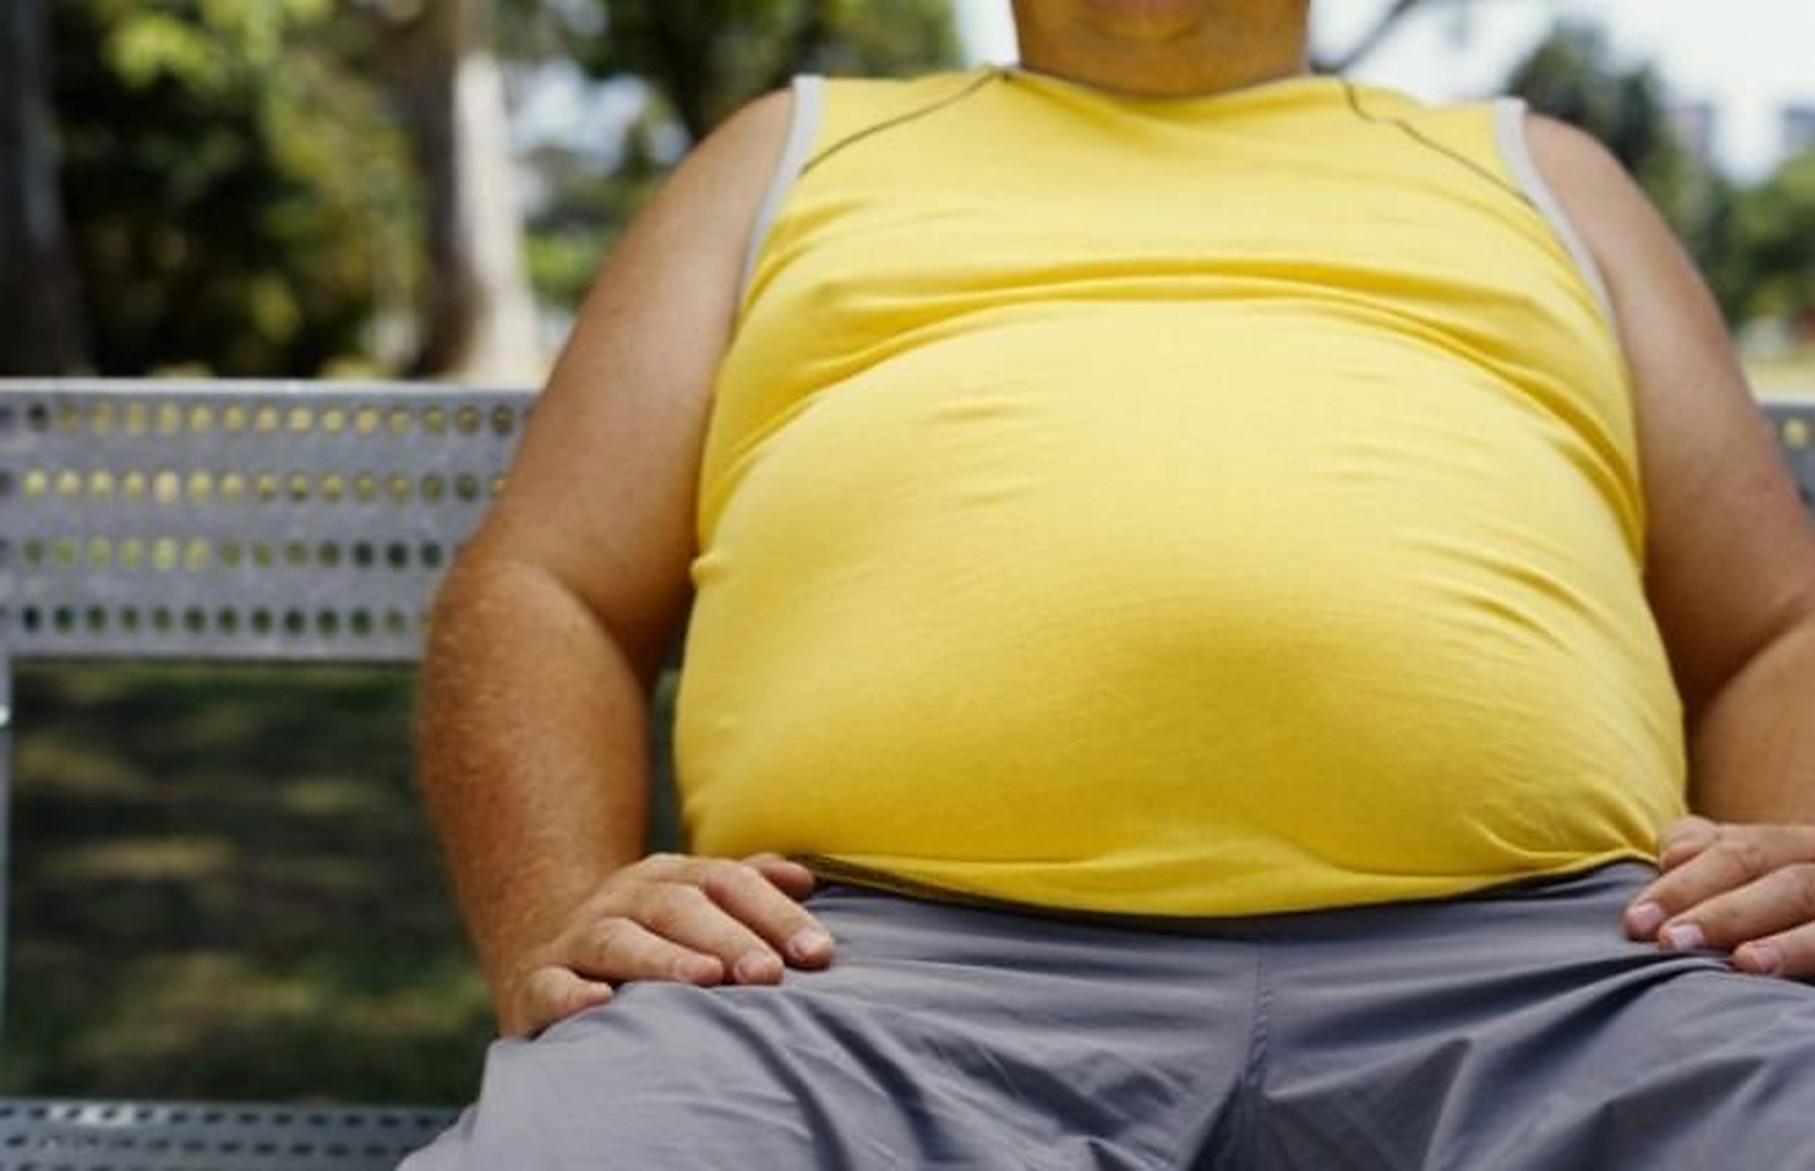 Legătura dintre o mutație genetică rară și obezitate. La nivel mondial, peste 650 de milioane de oameni sunt obezi